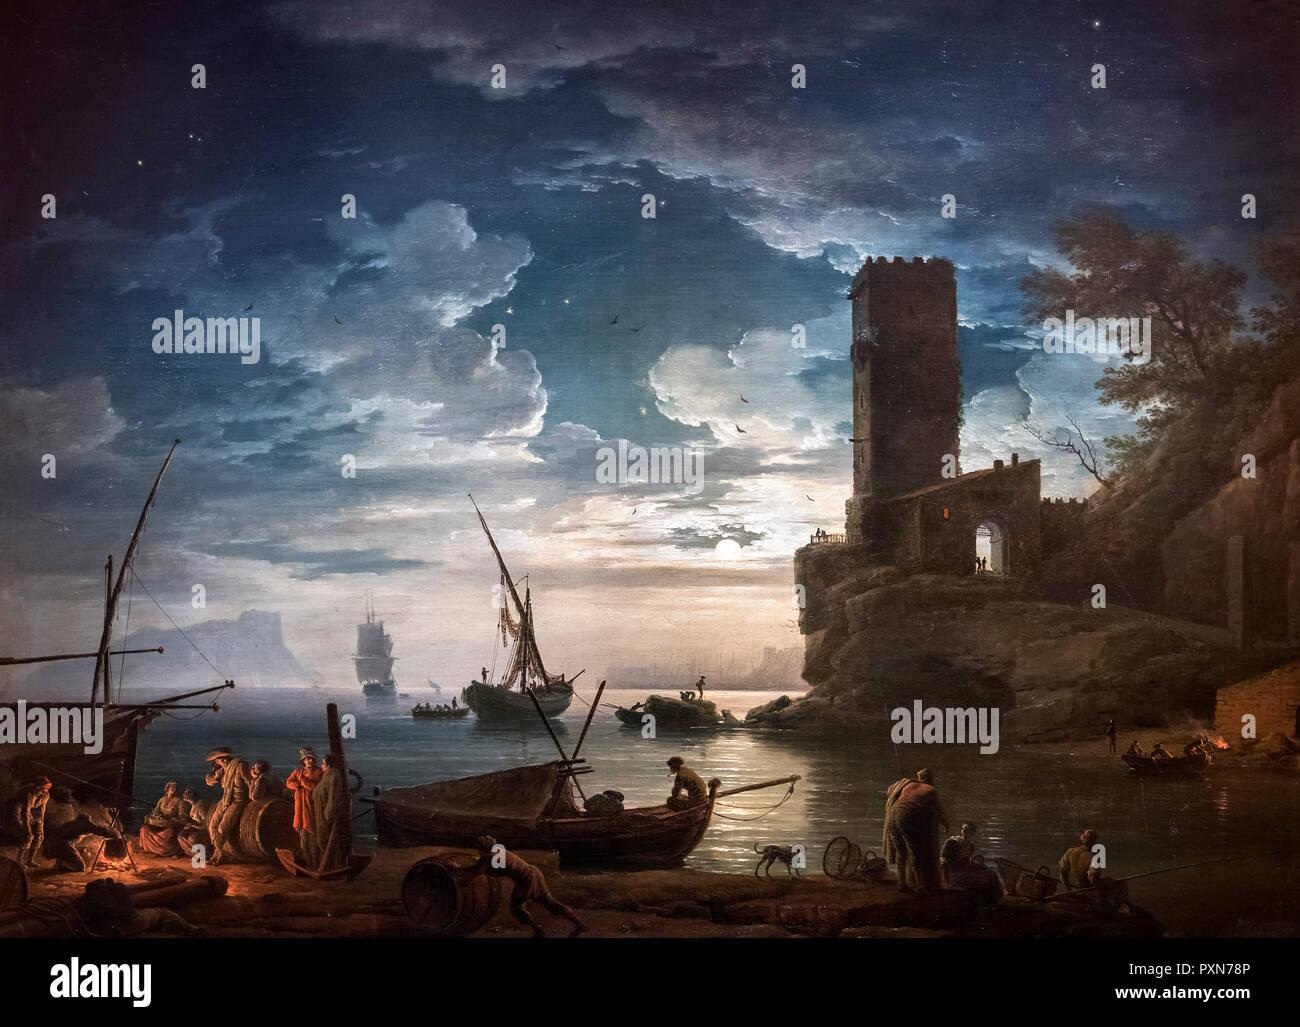 Nacht; Mittelmeerküste Szene mit Fischer und Boote von Claude Joseph Vernet (1714-1789), Öl auf Leinwand, 1753 Stockbild